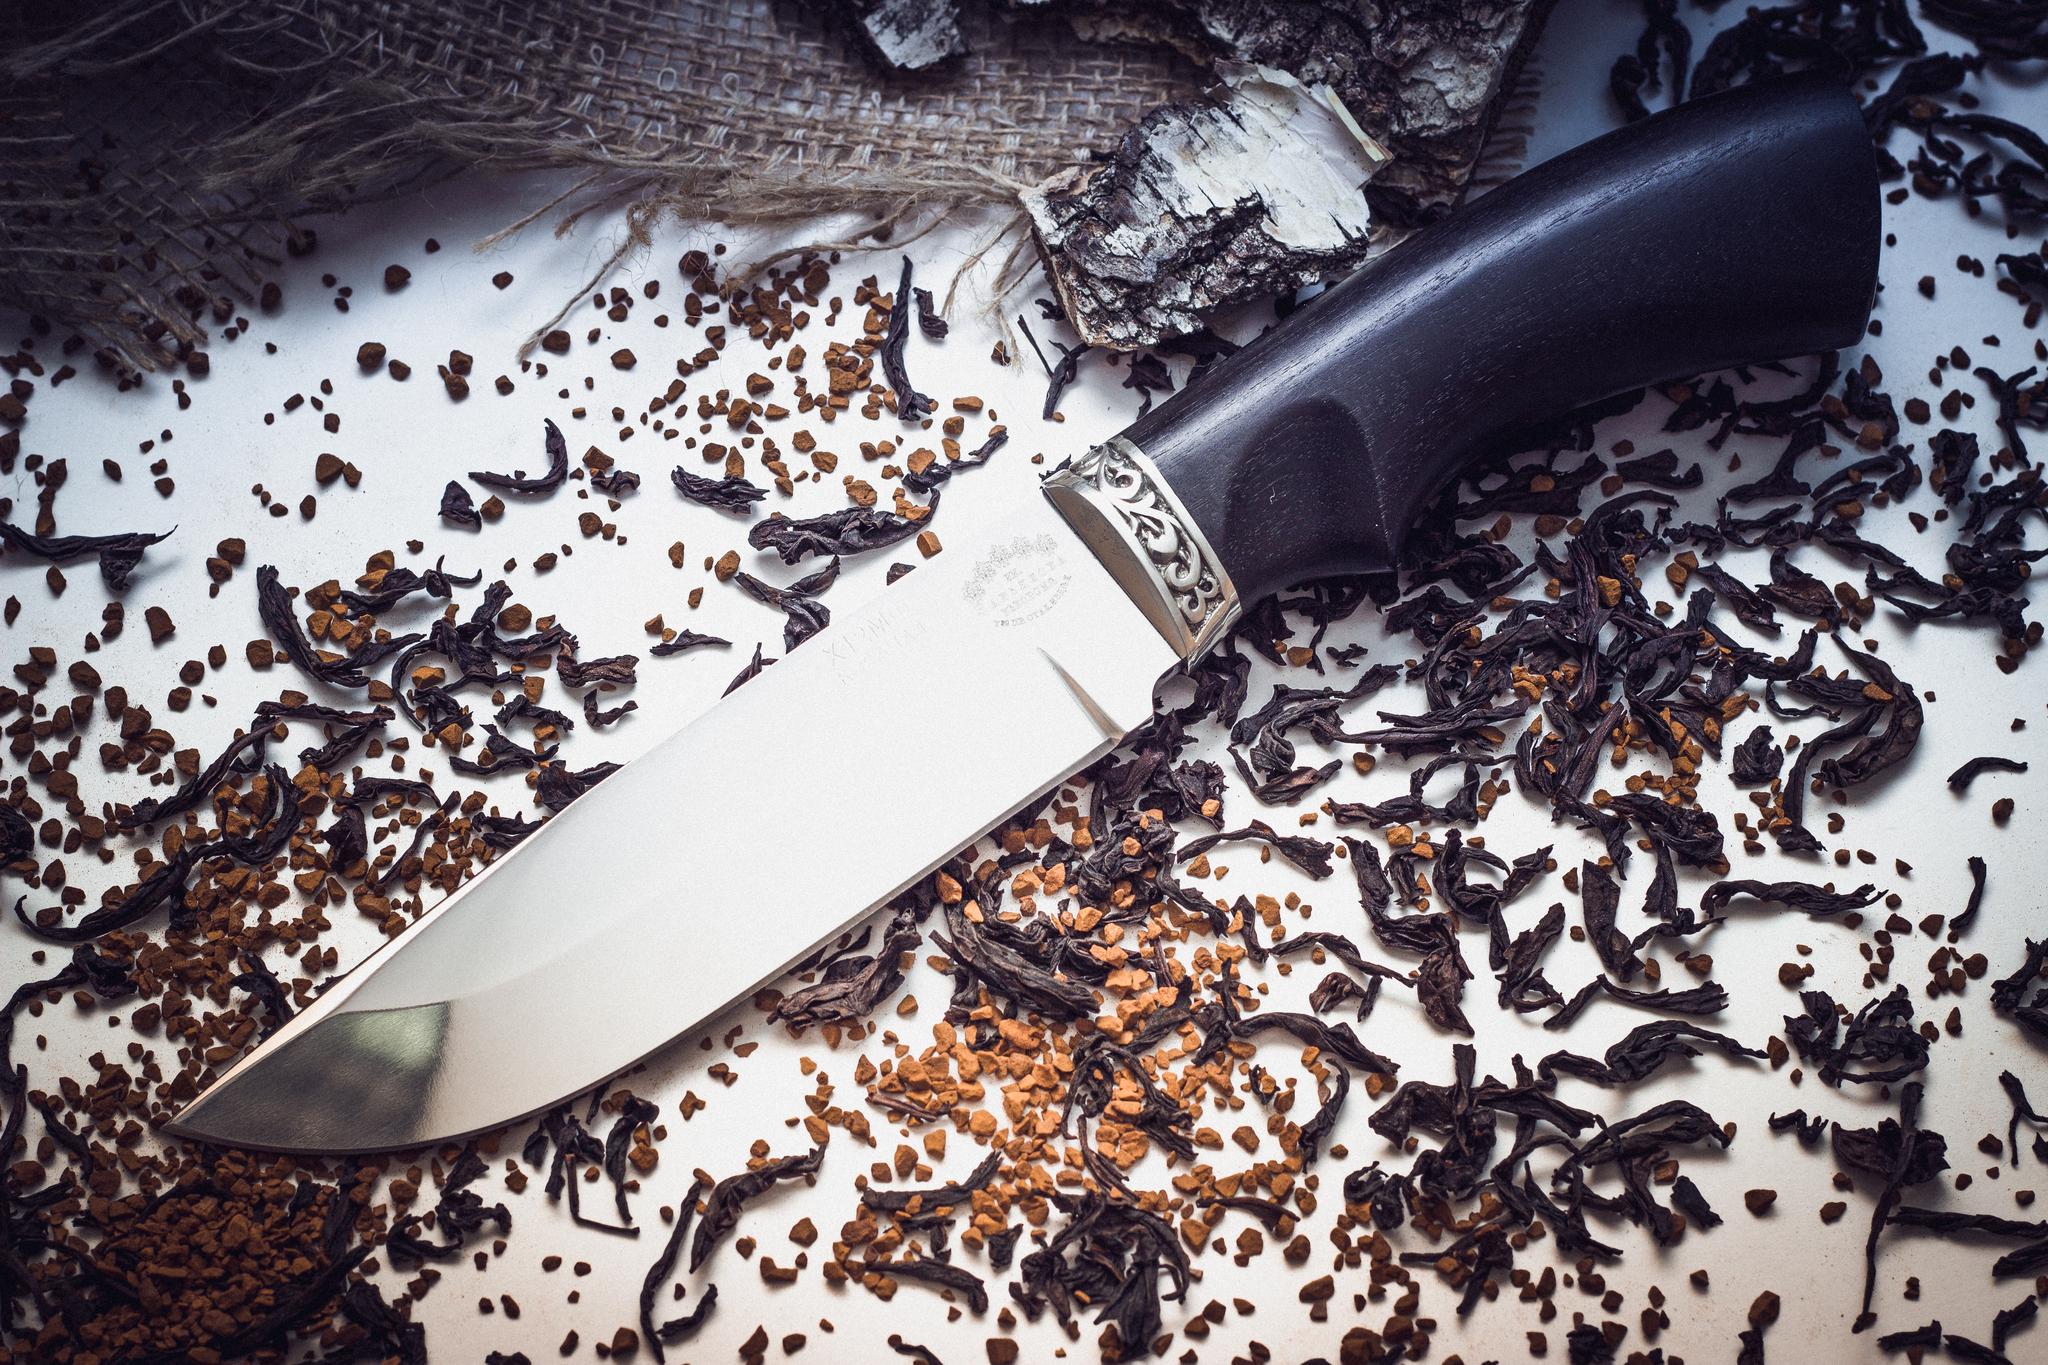 Нож Курган черный грабНожи Ворсма<br>Нож Курган относится к традиционным русским ножам свойственным для южнорусской части нашей страны. В этом ноже сочетаются формы восточных ножей и русской ножевой традиции. Можно сказать, что это «большой» пчак, который приехал к русское бабушке в гости и хорошенько отъелся за время летних каникул. Клинок с прямым обухом и низкими спусками отлично приспособлен для рубки и грубого реза. Таким ножом можно расколоть целое полено. Удобная рукоять обеспечивает уверенный хват при выполнении самой тяжелой работы. Подпальцевая выемка исключает соскальзывание руки на клинок. Кожаные ножны с декоративным тиснением дополняют картинку. Отличный вариант на роль большого лагерного ножа.<br>